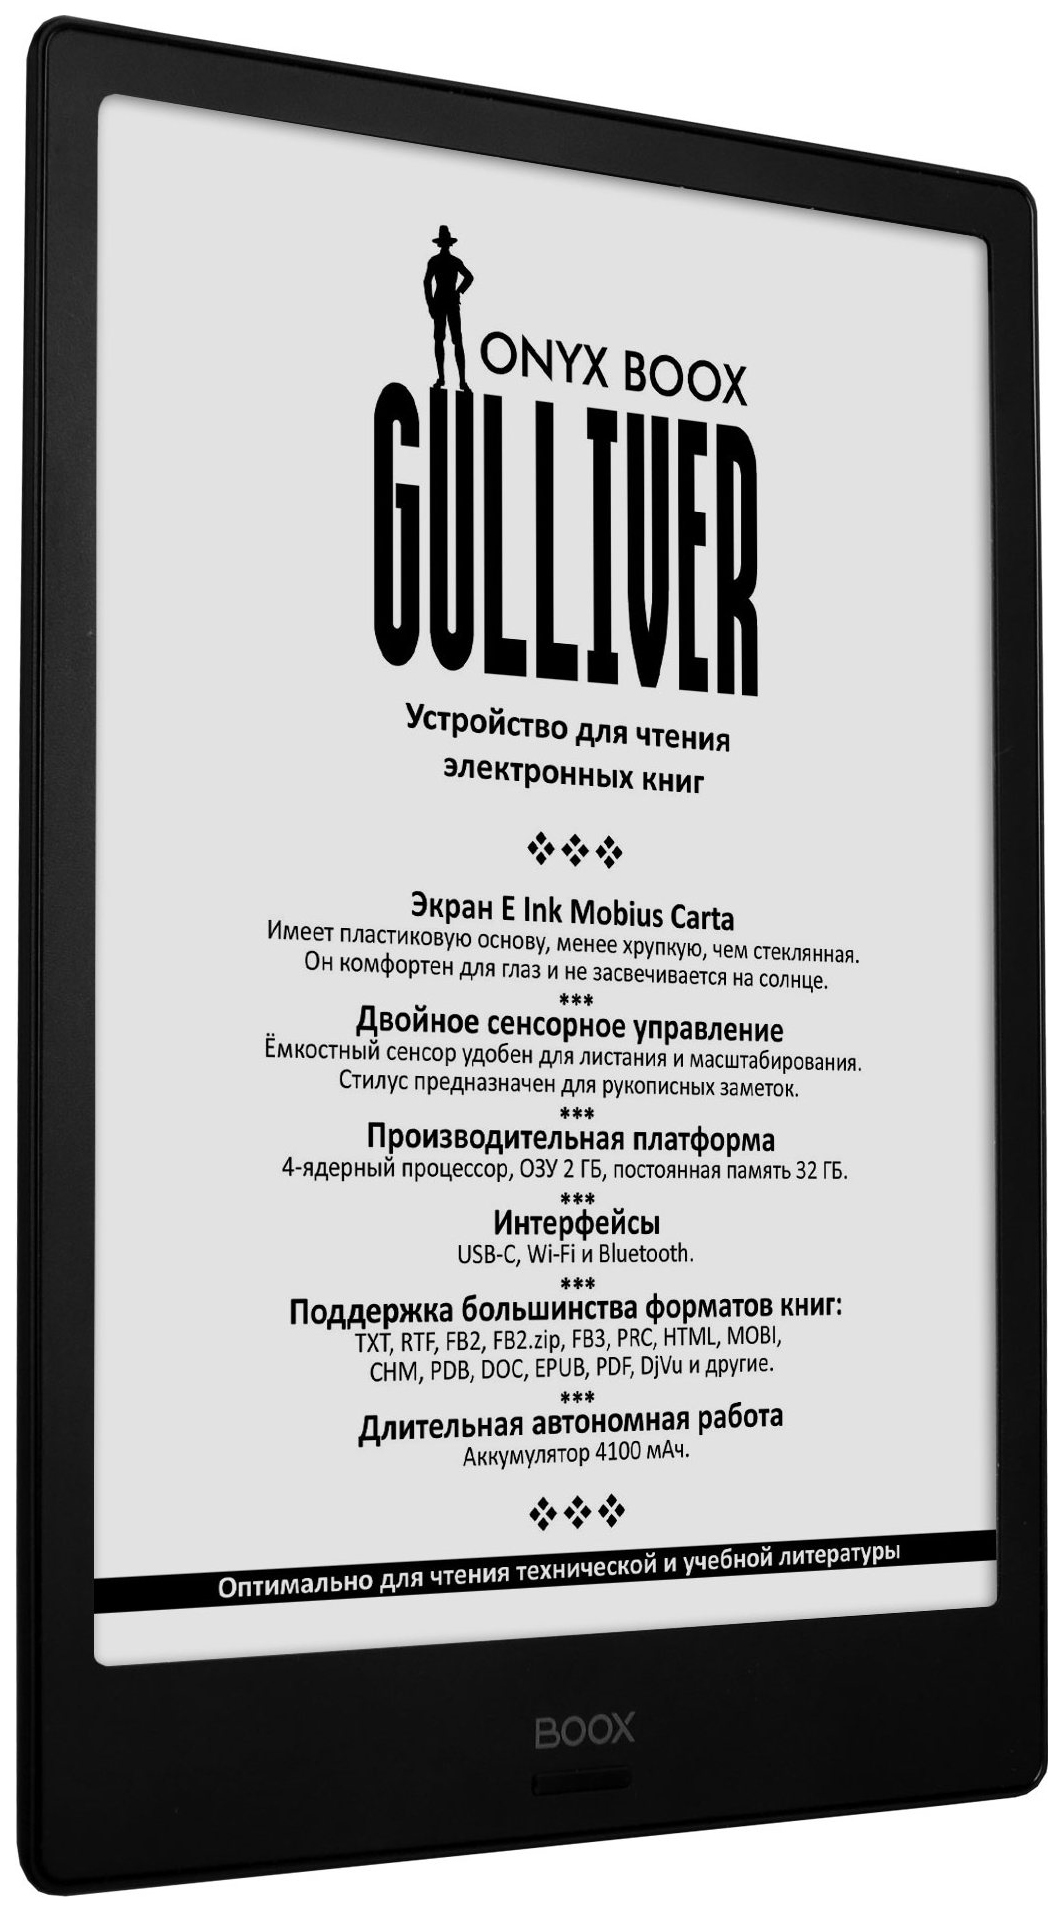 ONYX BOOX GULLIVER